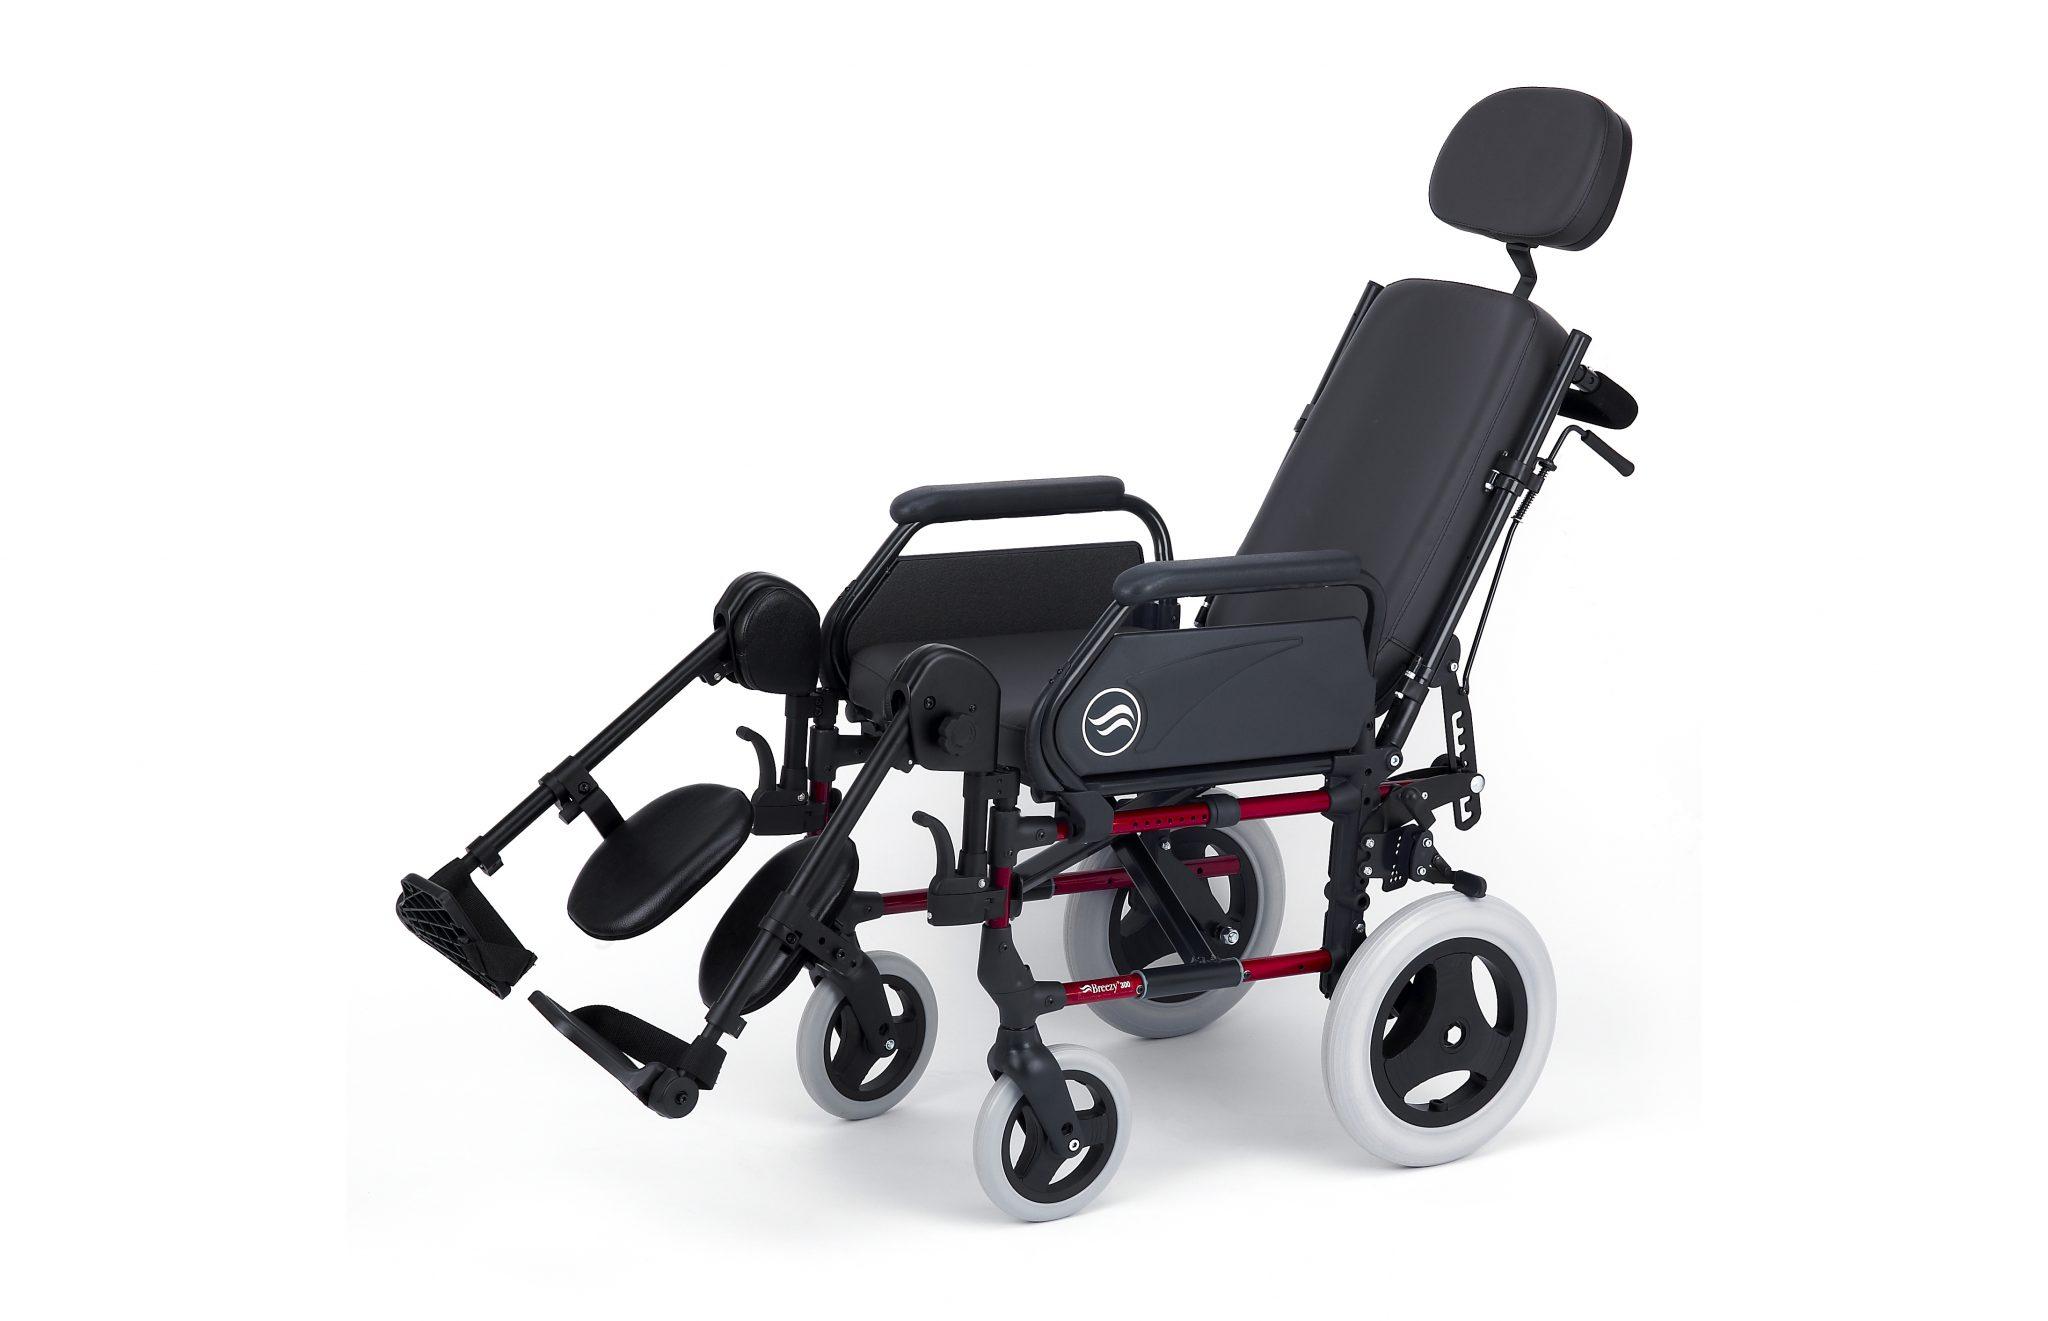 Cadeira de rodas preta com estrutura vermelha, vista de perfil.